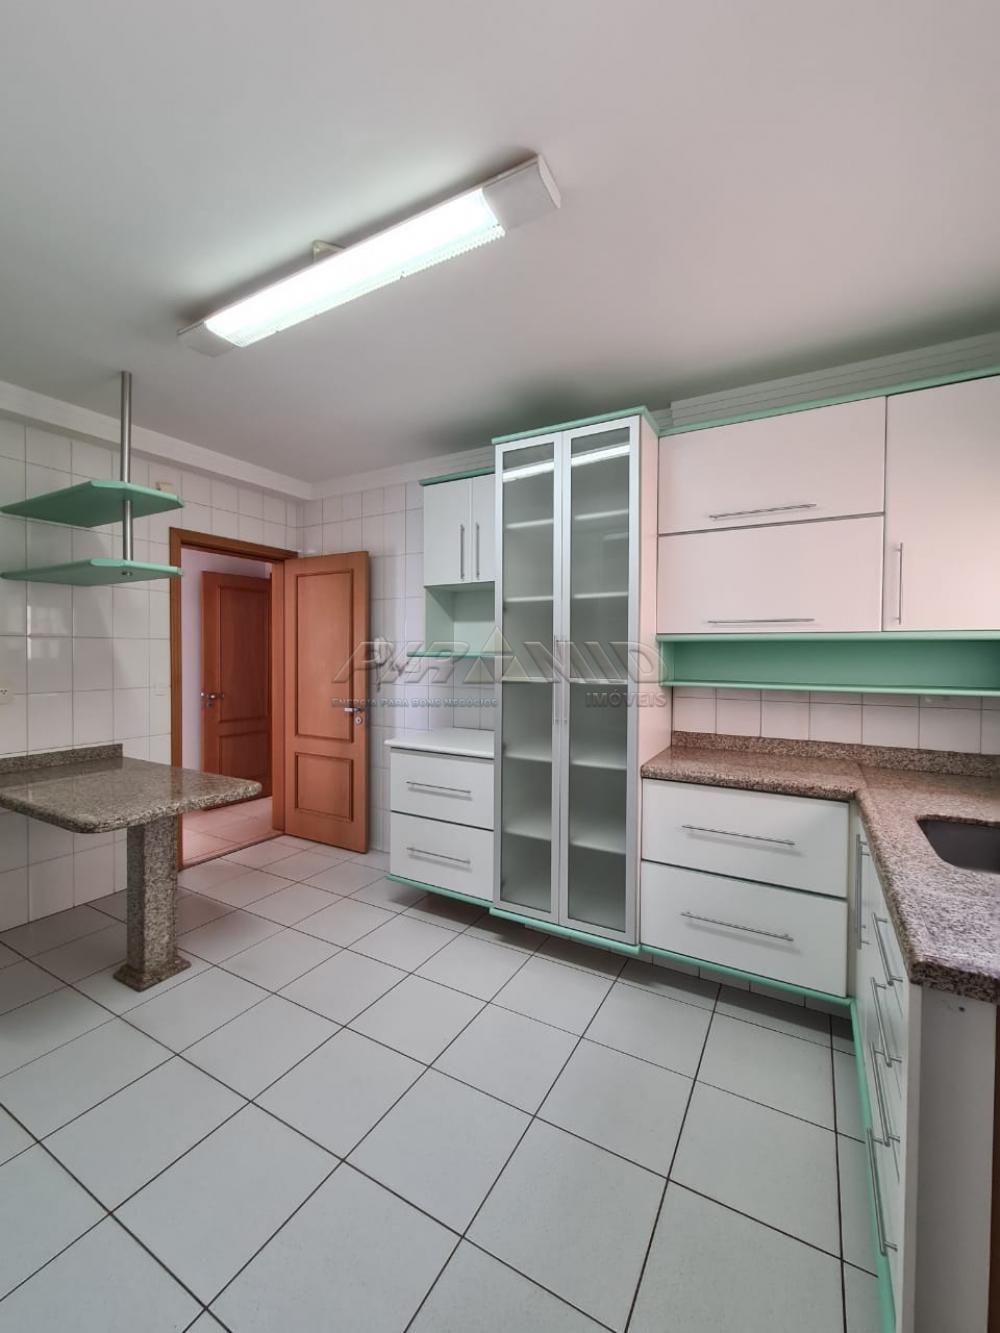 Alugar Apartamento / Padrão em Ribeirão Preto R$ 2.800,00 - Foto 17